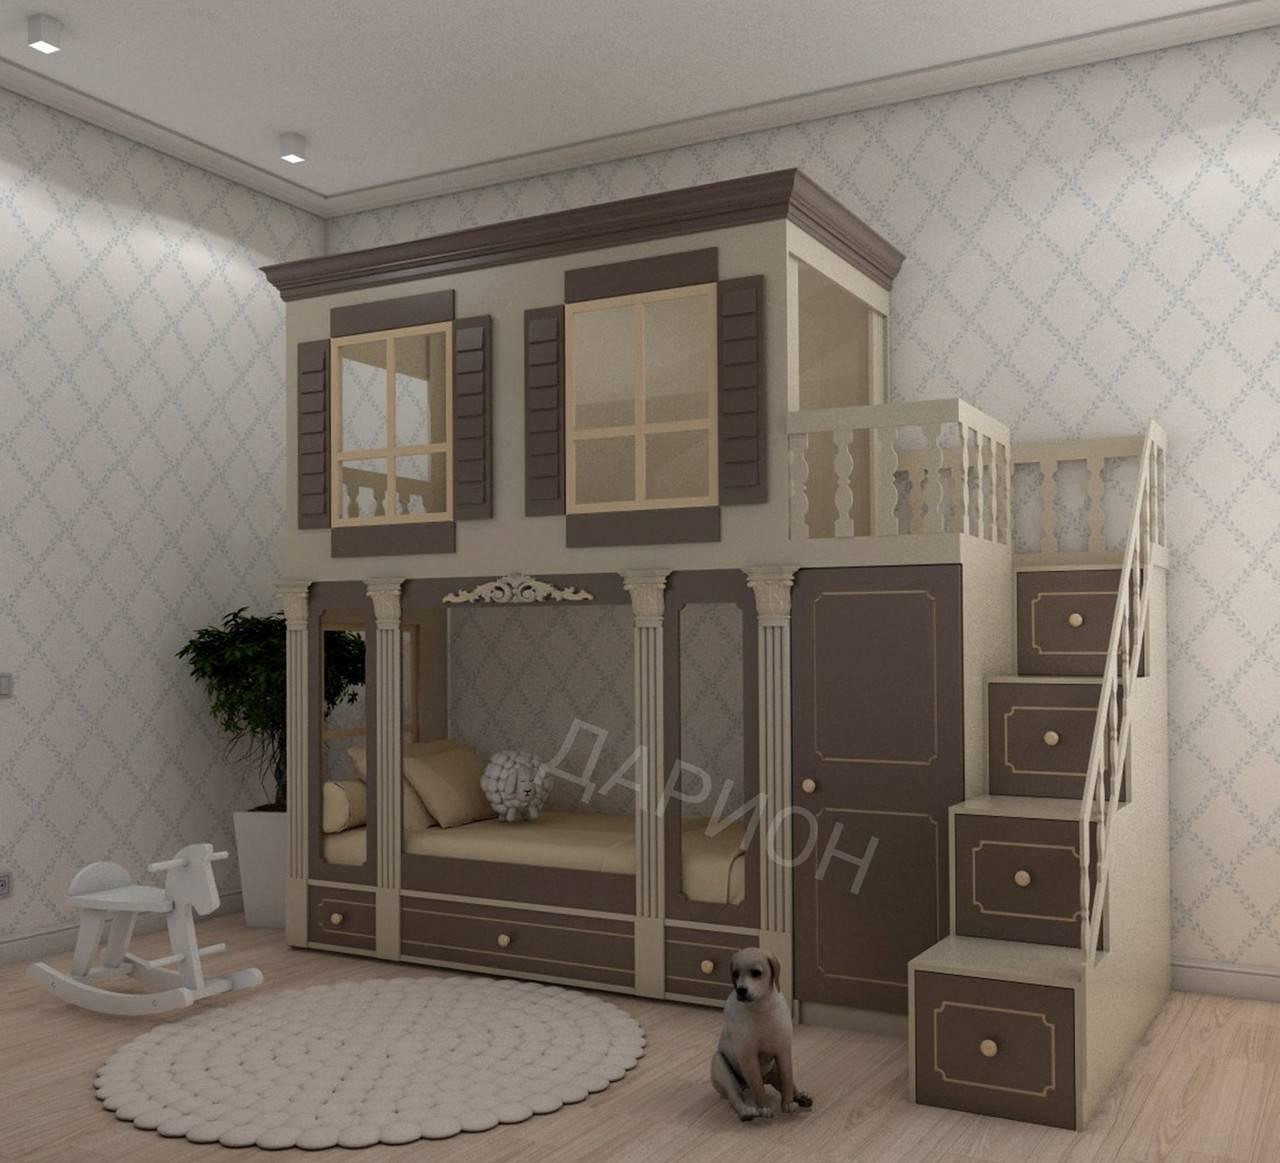 Детские комнаты с двухъярусной кроватью - фото примеров